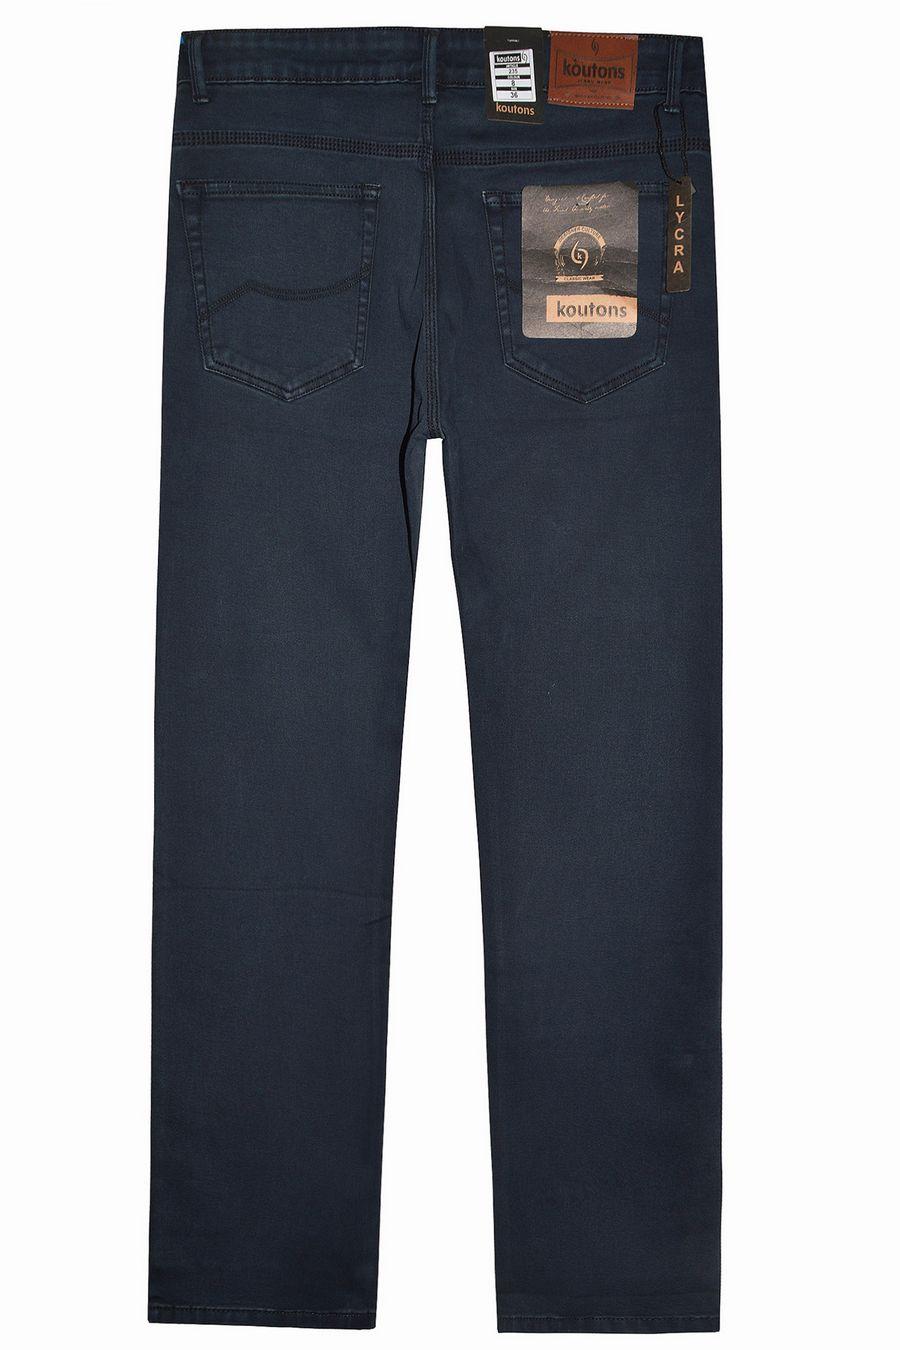 Джинсы мужские Koutons 235-8 Stretch Grey-Blue - фото 2